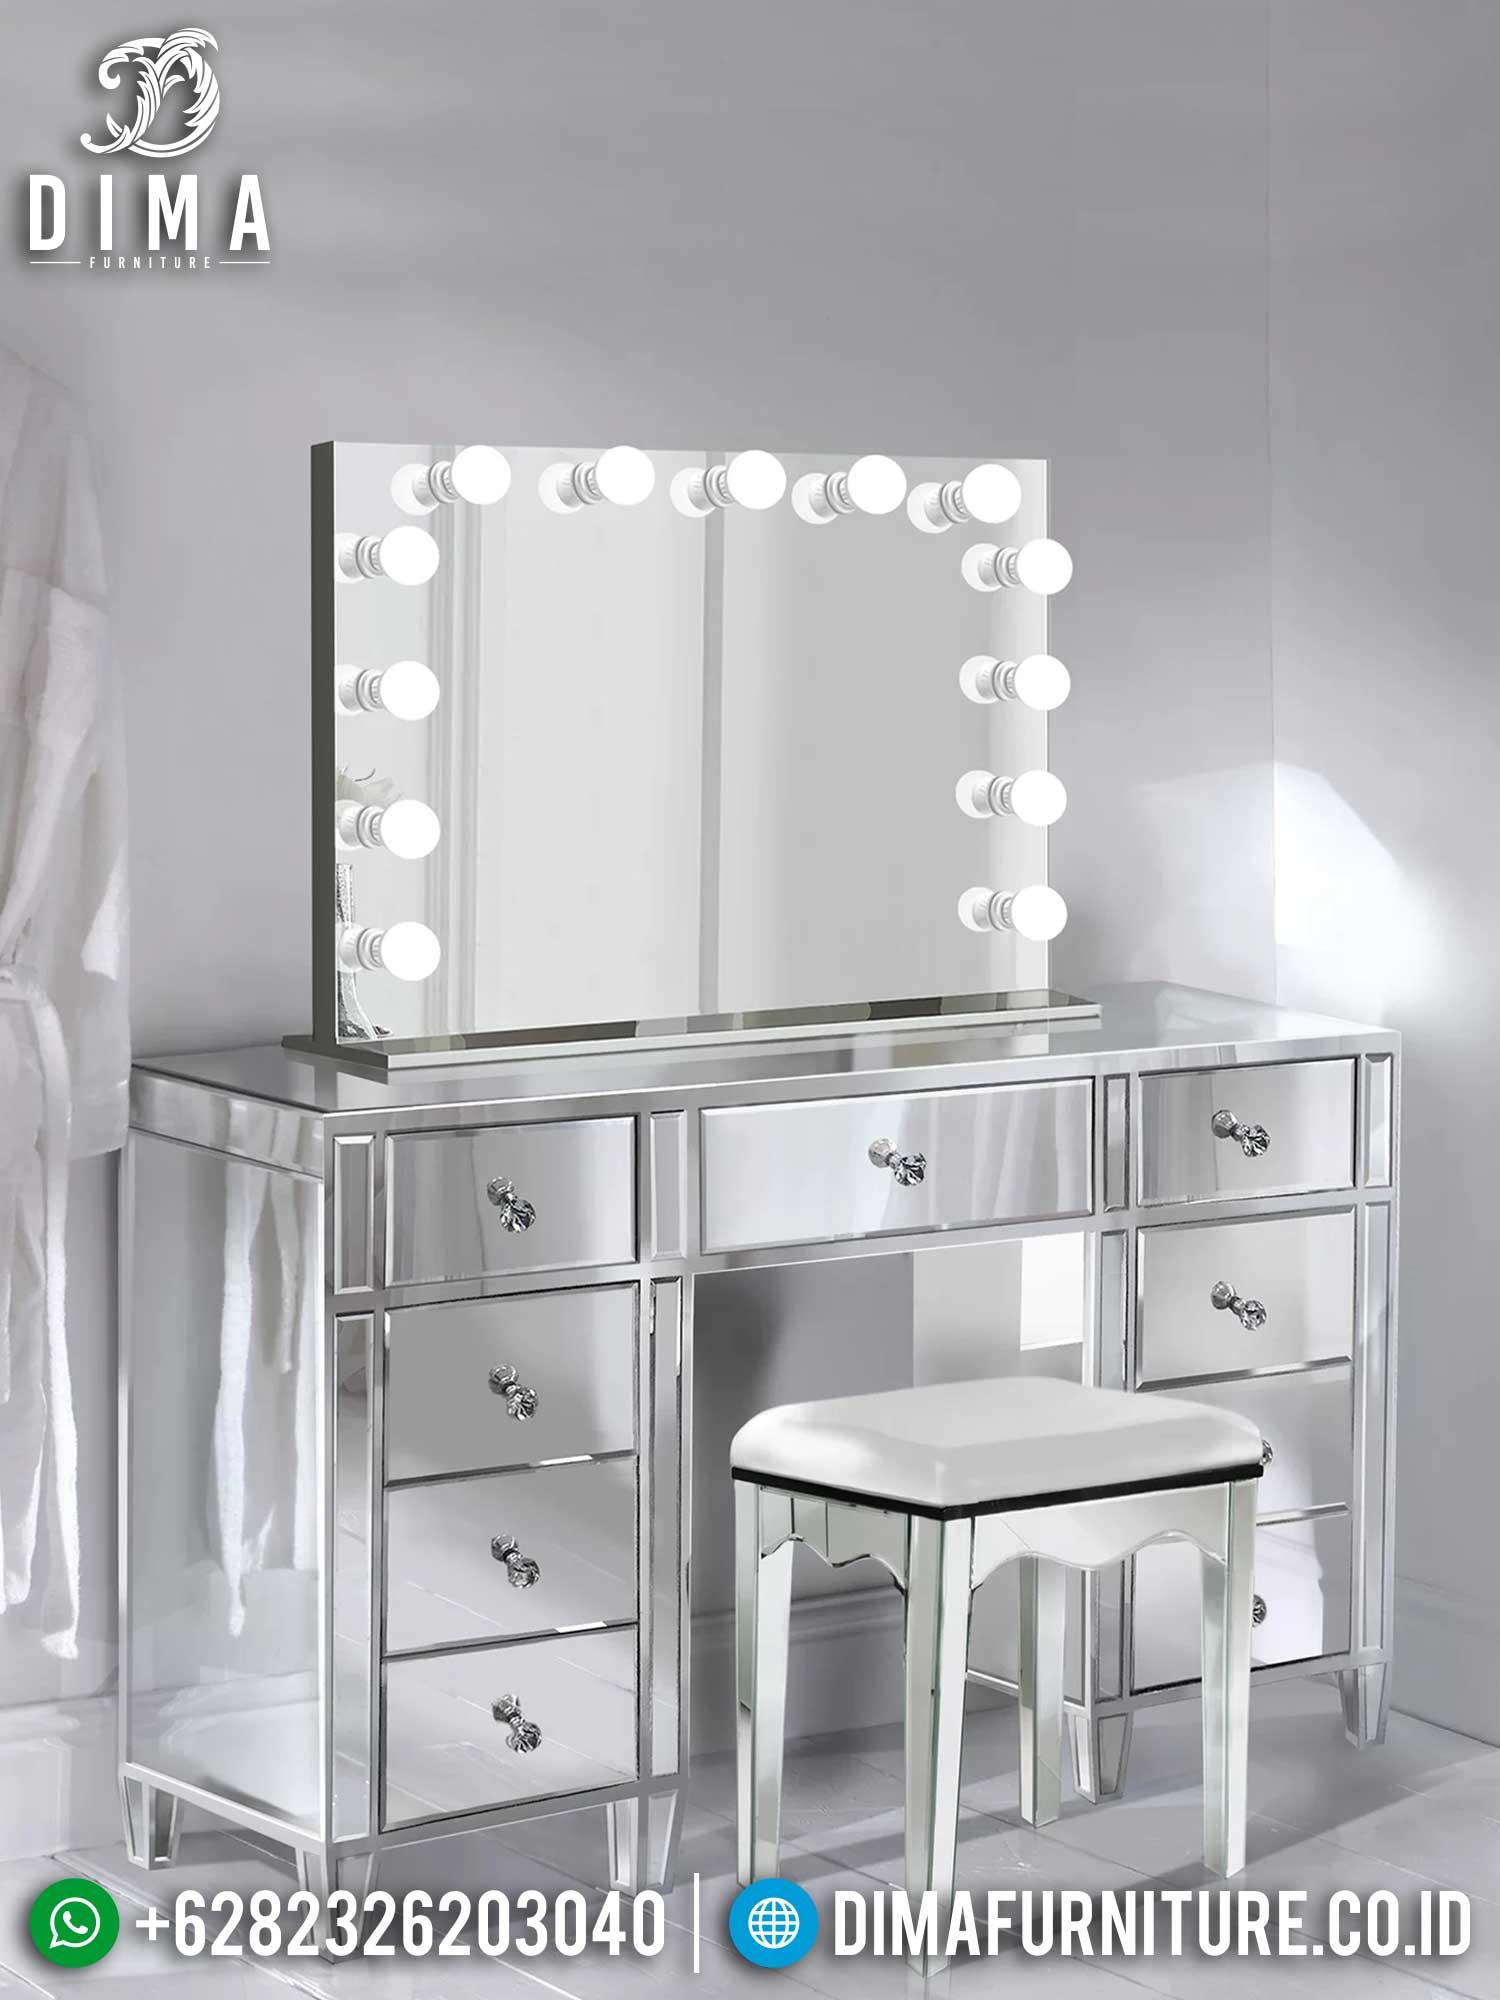 Meja Rias Minimalis Terbaru Elegant Simple Design Furniture Jepara TTJ-1447